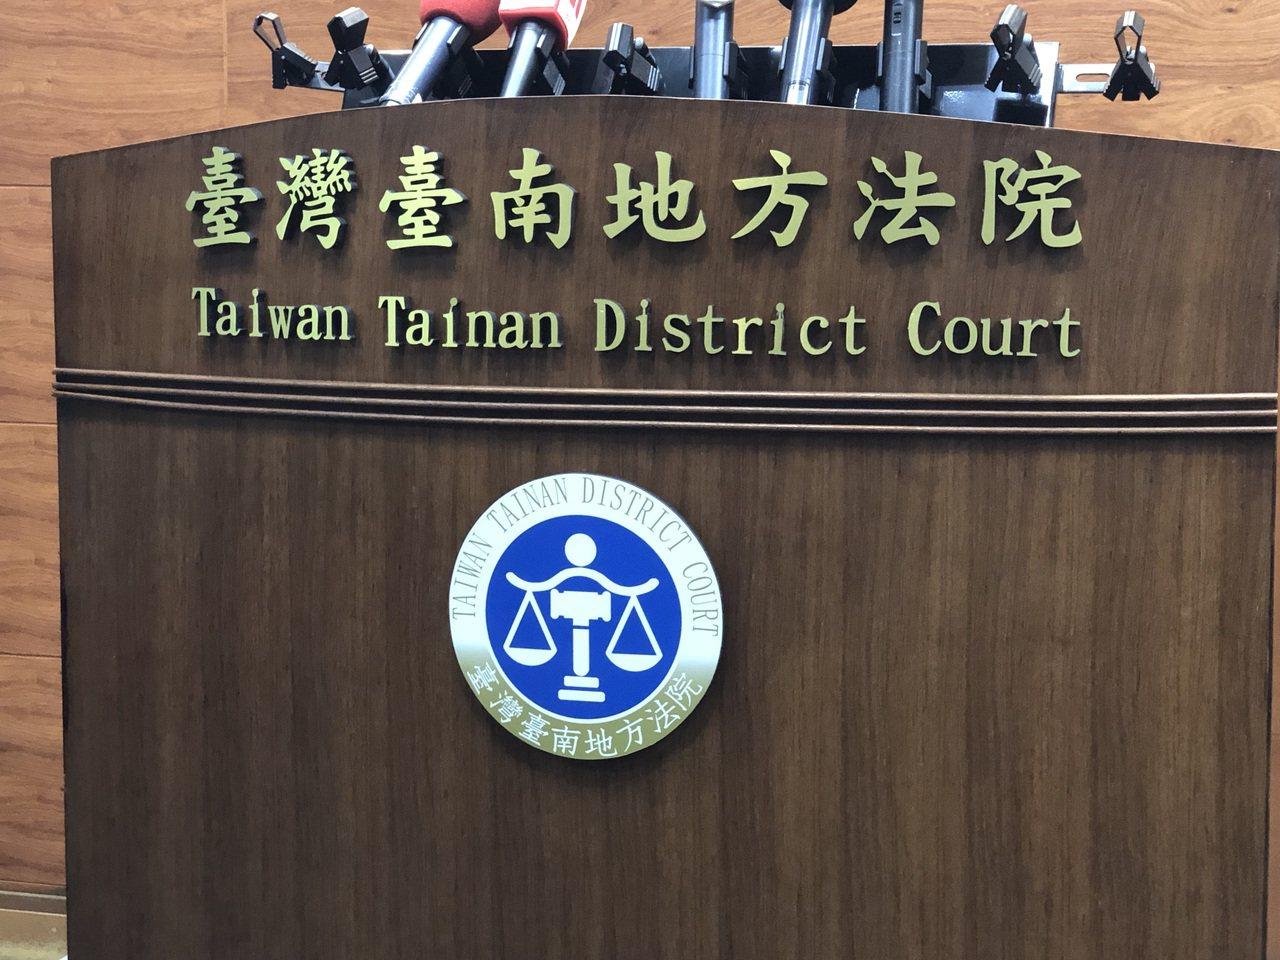 台南地院認許姓男子犯妨害公務執行罪,處5月徒刑,可上訴。本報資料照